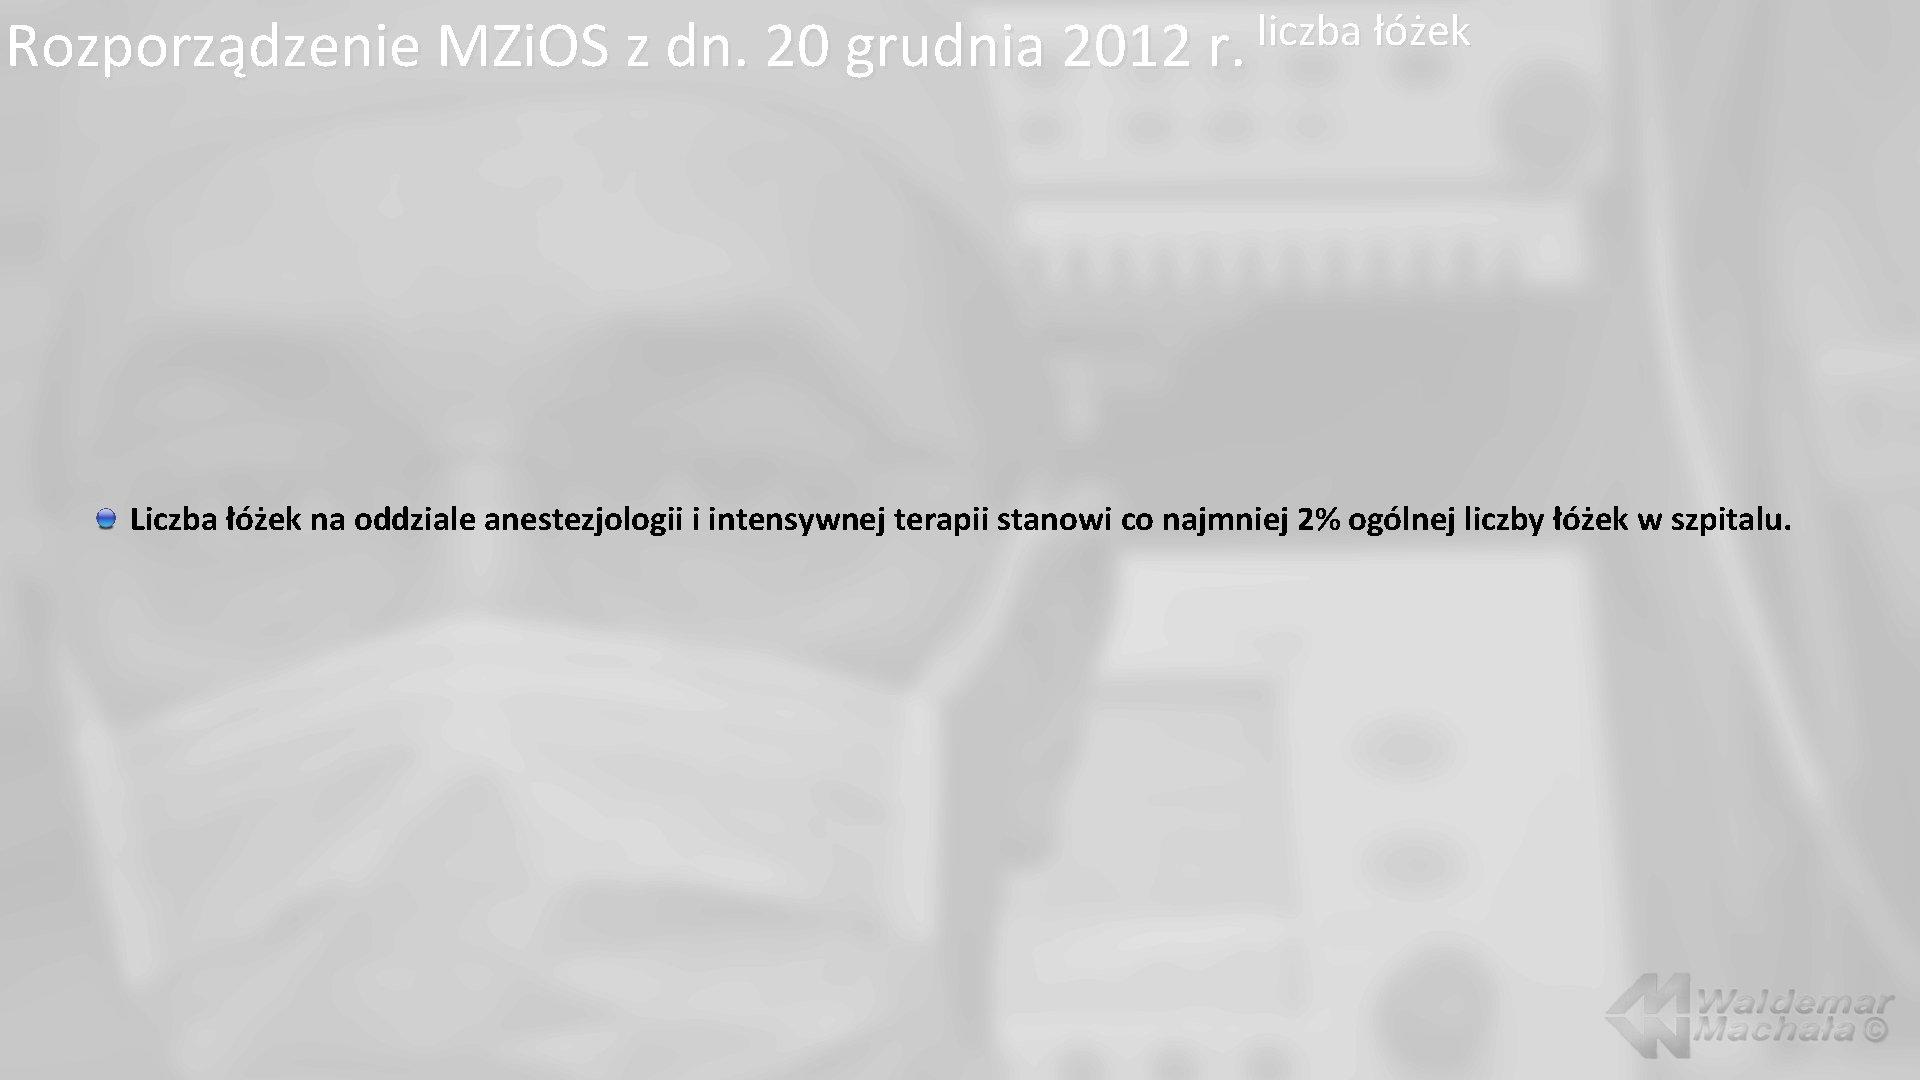 liczba łóżek Rozporządzenie MZi. OS z dn. 20 grudnia 2012 r. Liczba łóżek na